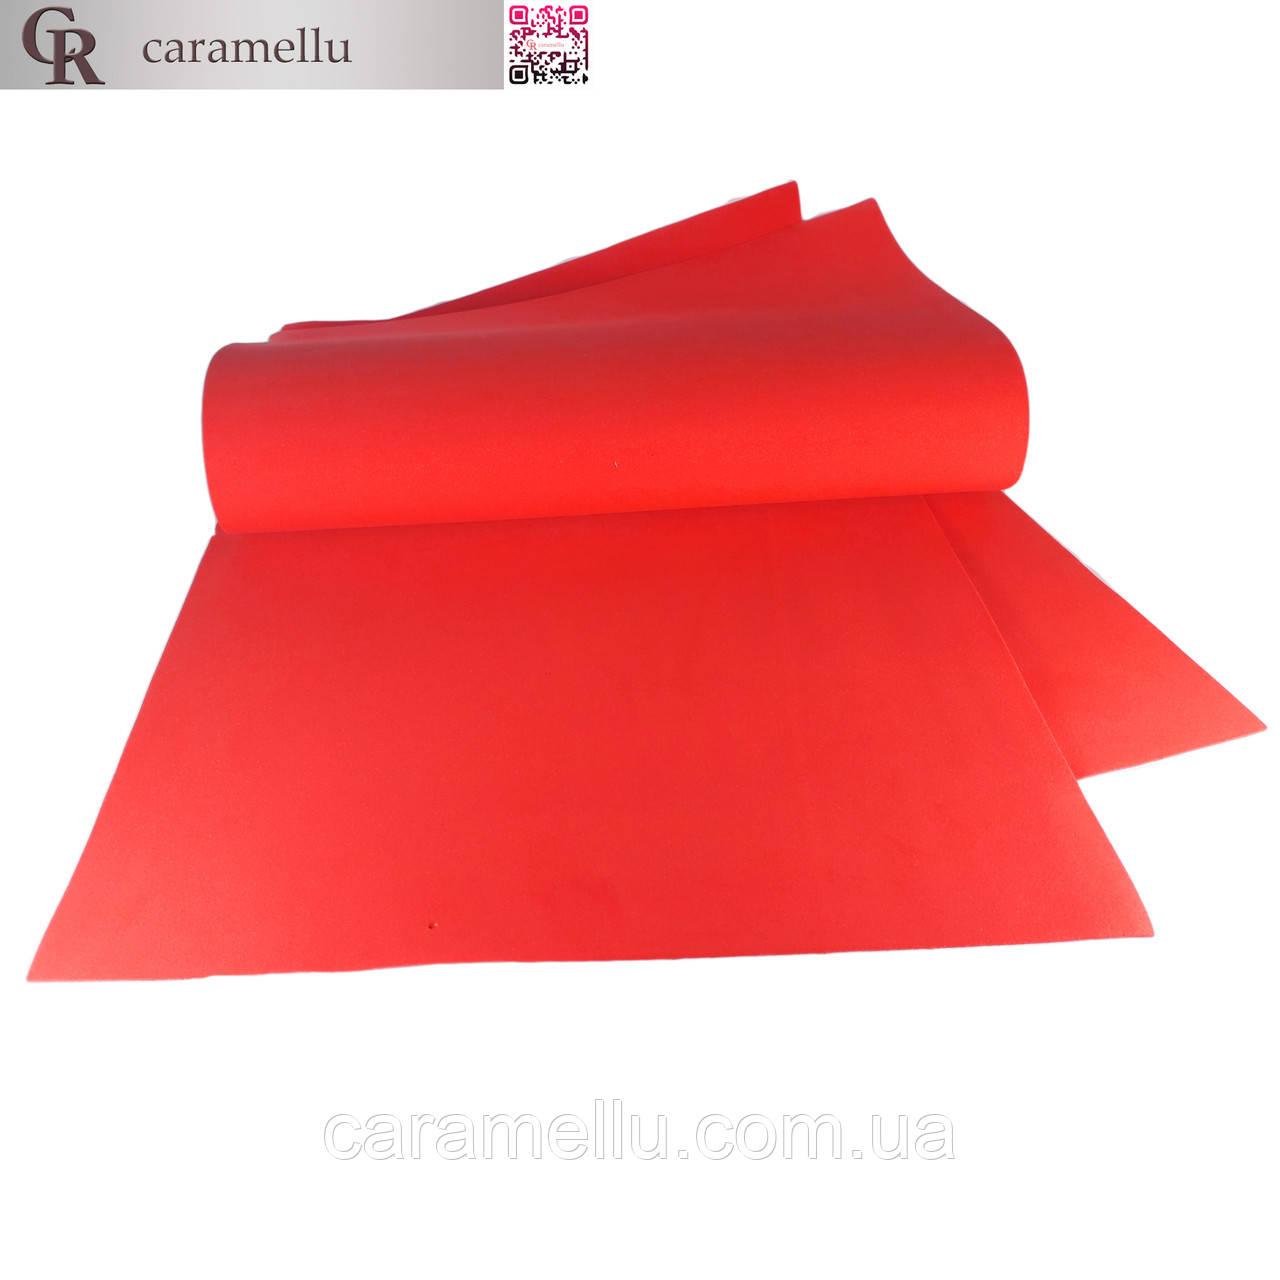 Фоамиран иранский 135, Светло-красный, 1мм,  70х60см.